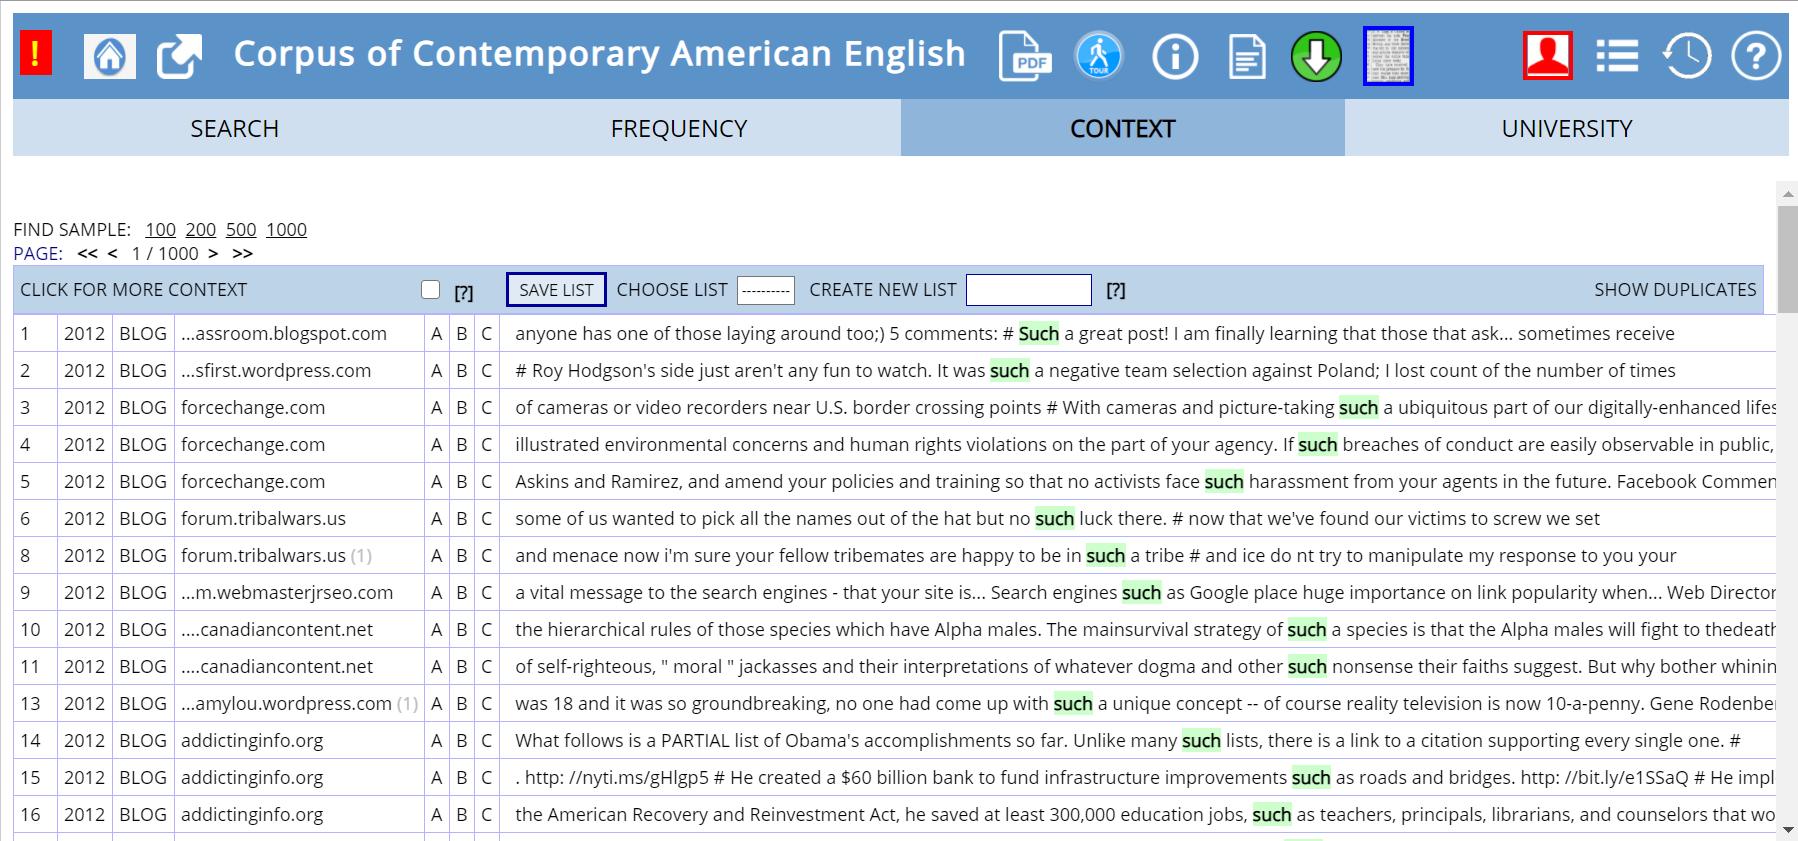 COCAの検索結果と表示された例文